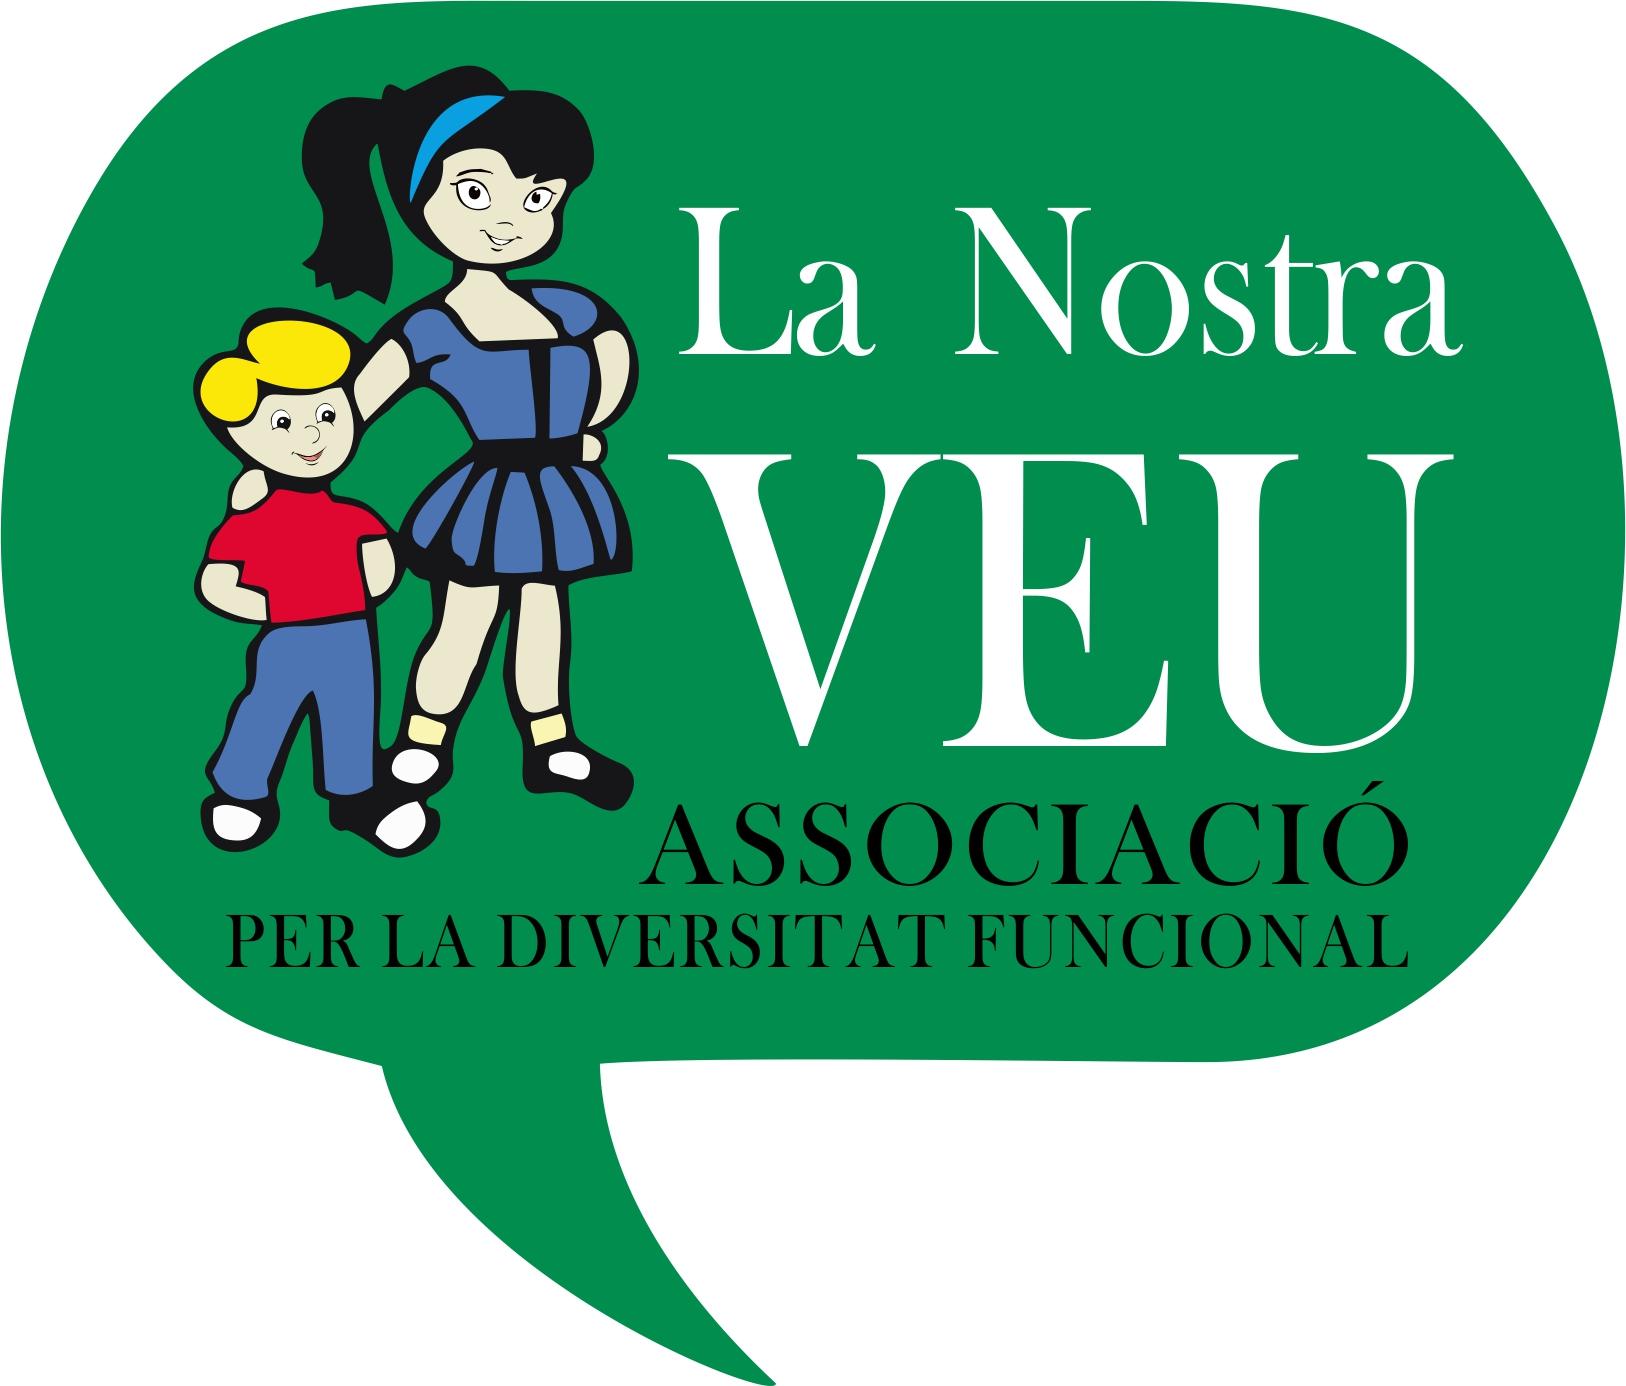 Imagen de la iniciativa.